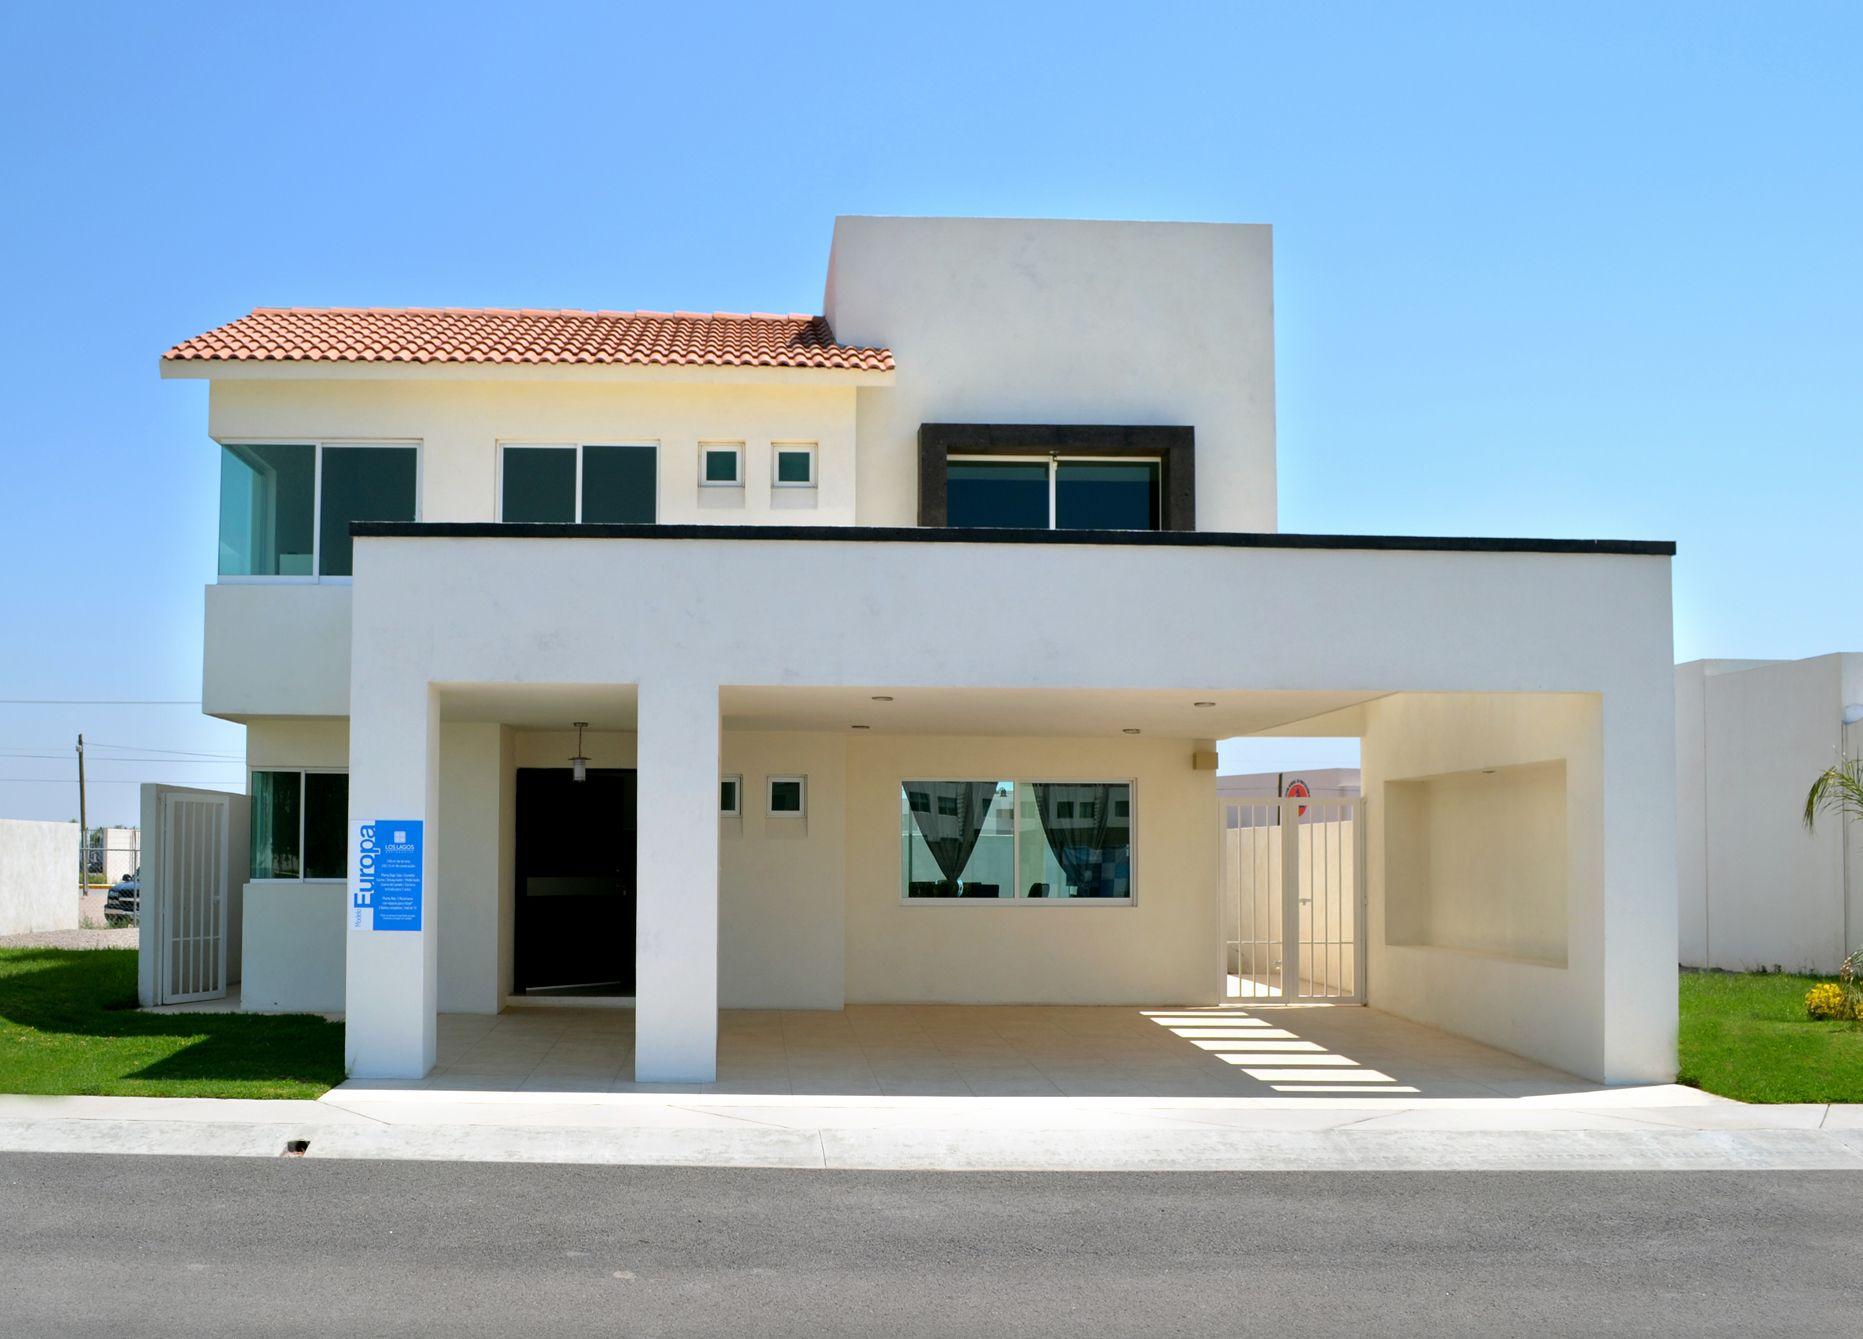 Casa europa terreno 240 m2 construcci n m2 sala for Fachadas de casas modernas en italia